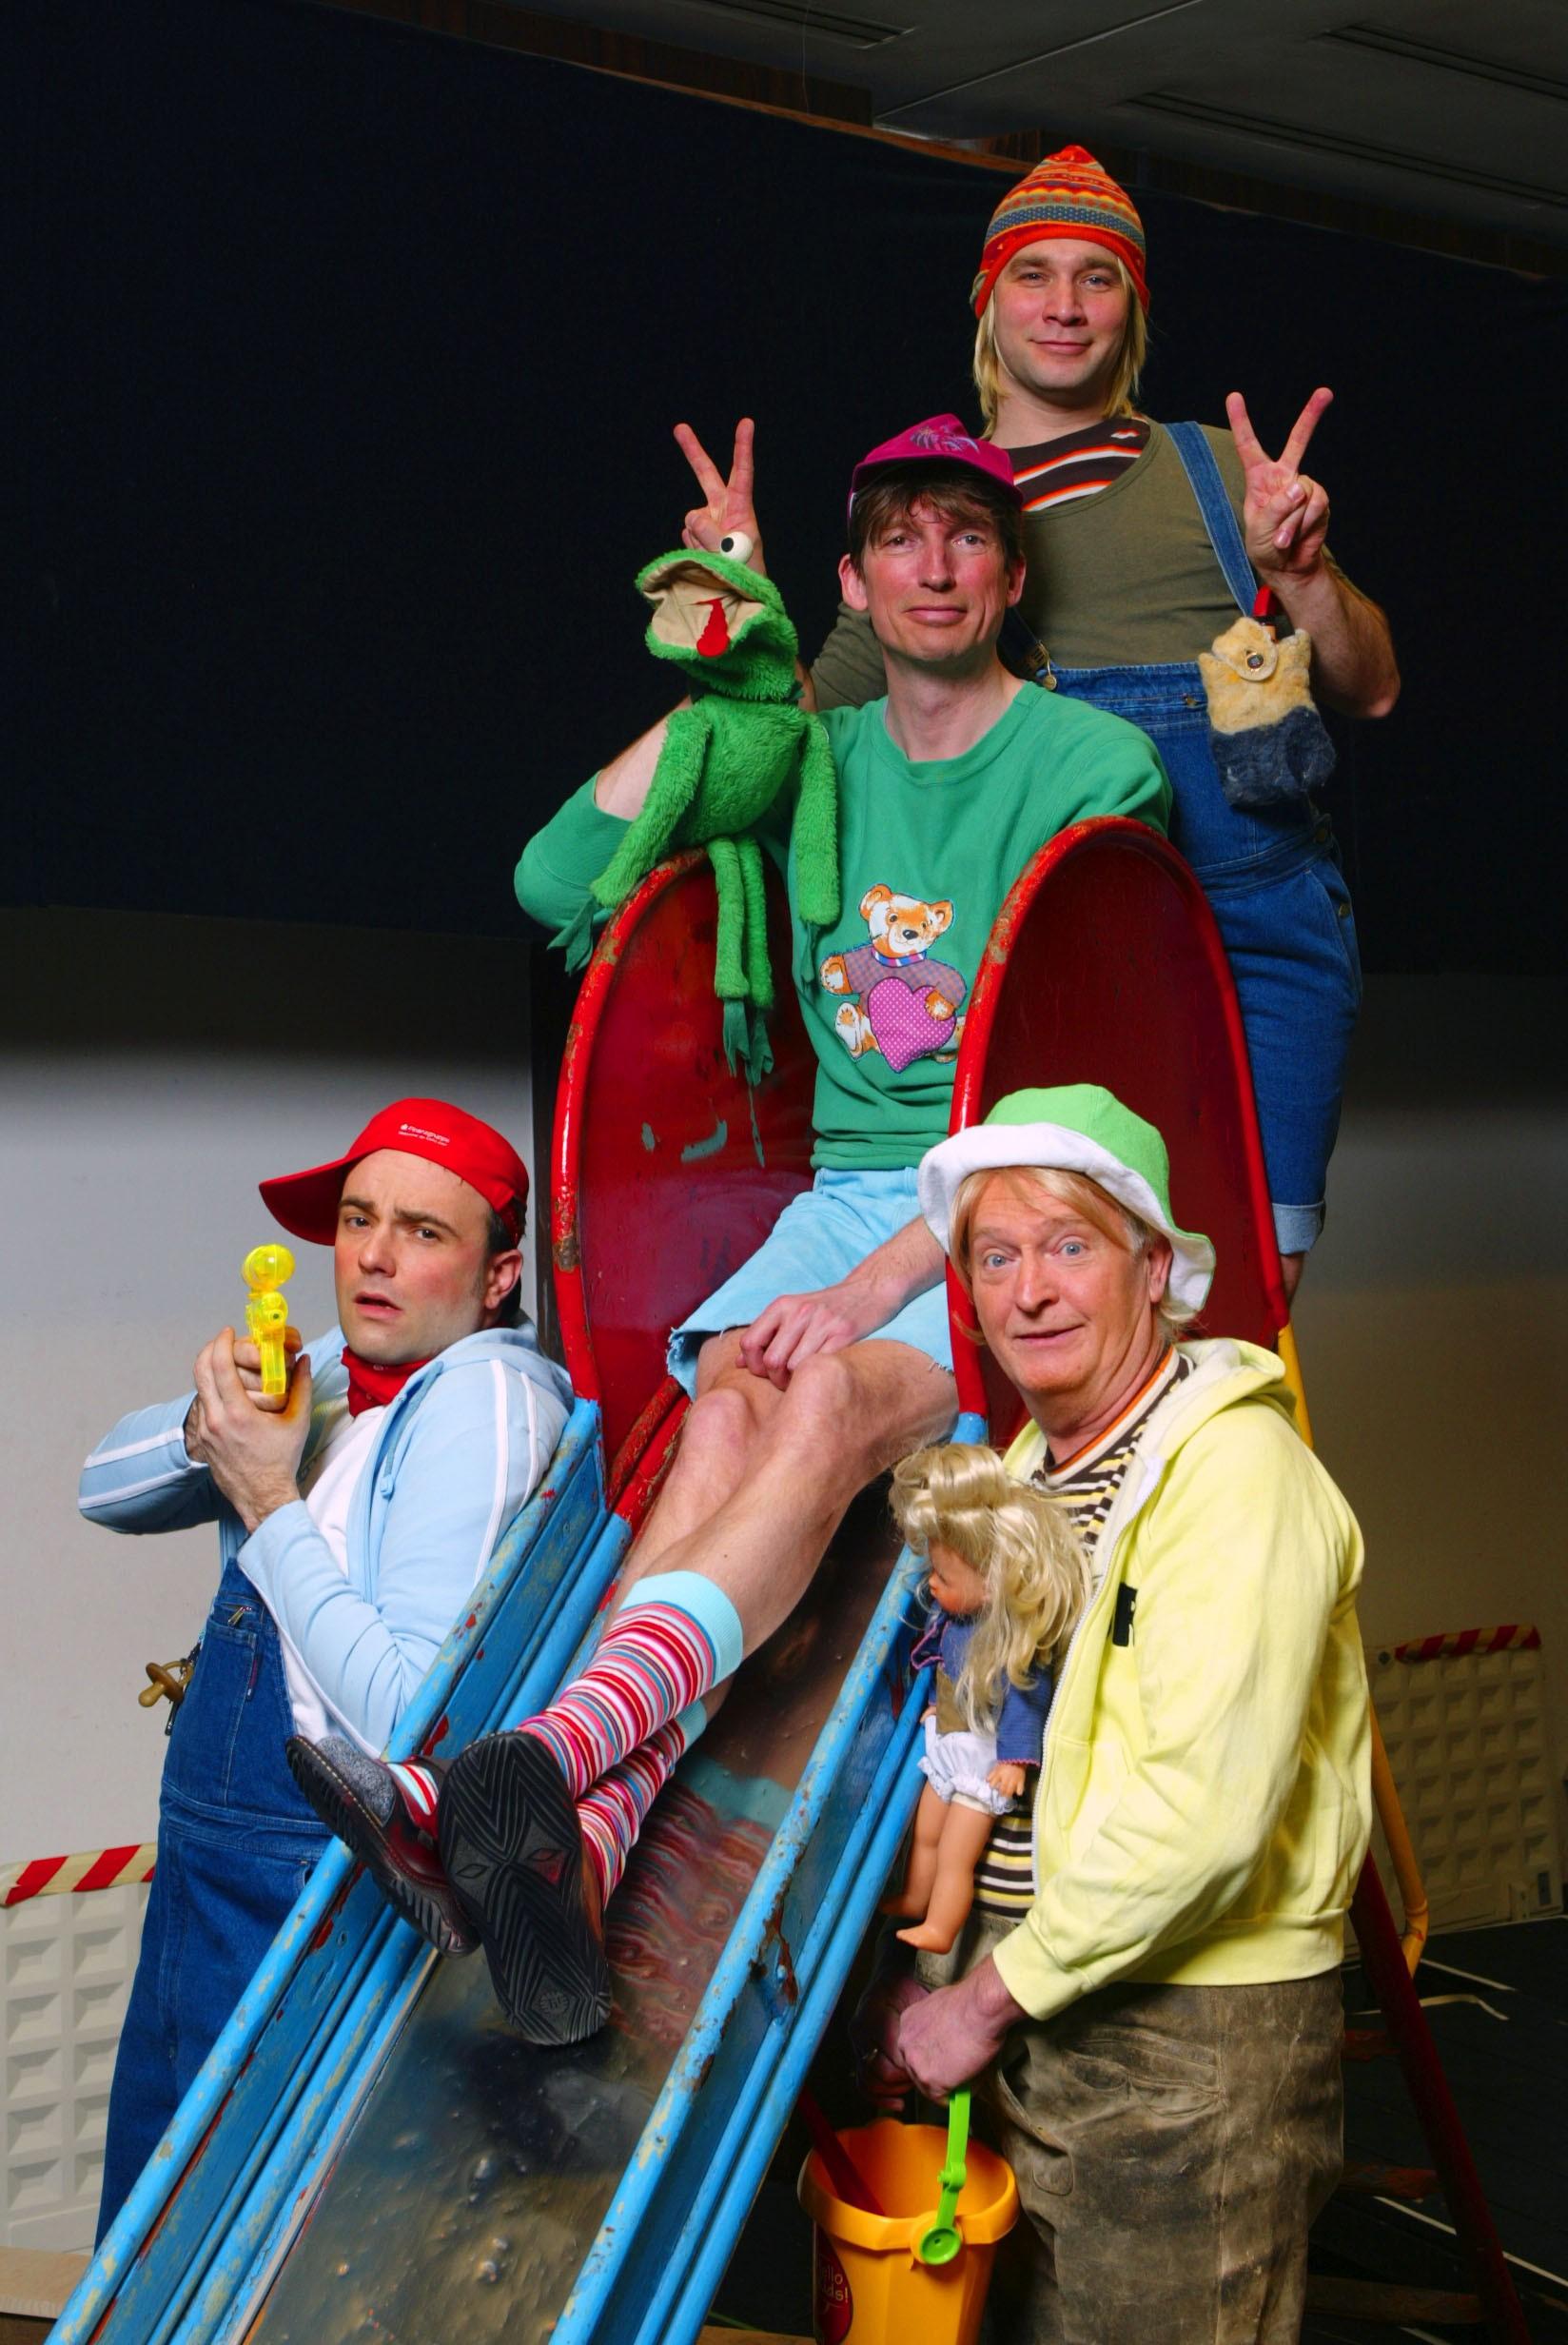 Mütter - v.l.n.r. Alexander Geringas, Günter Märtens, Marc Letzig, Niels Hansen - Foto: Oliver Fantitsch